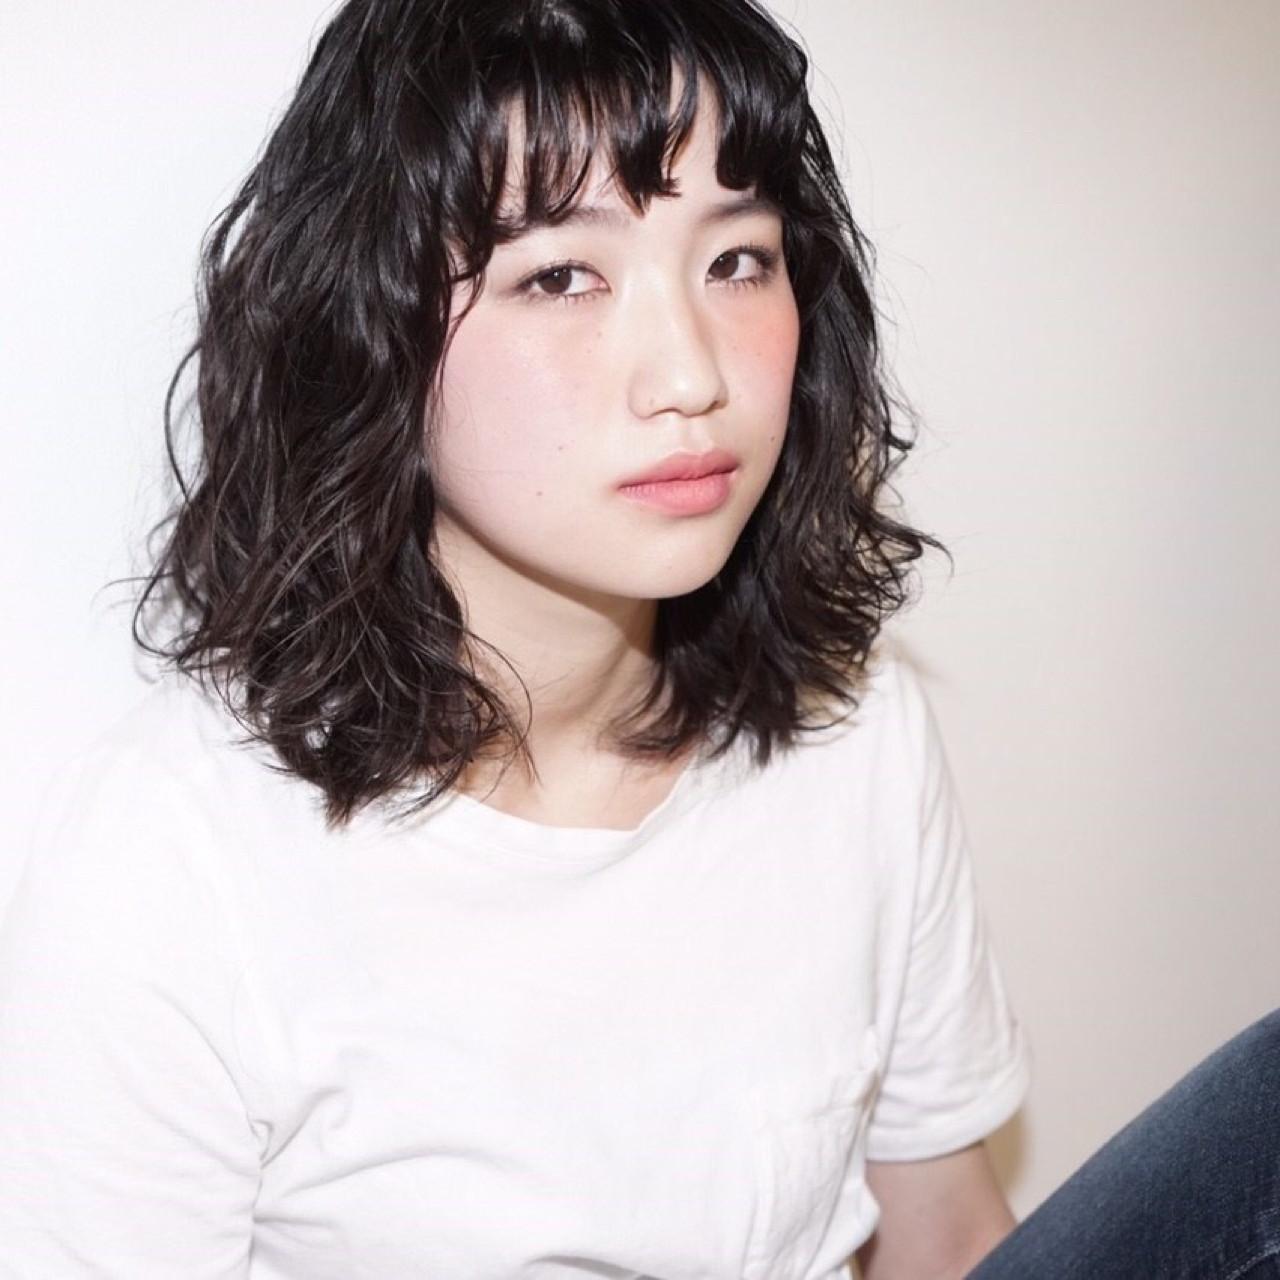 ダメージレス&長持ち☆クリープパーマが普通のパーマよりも優秀説!? Risa Shibahara